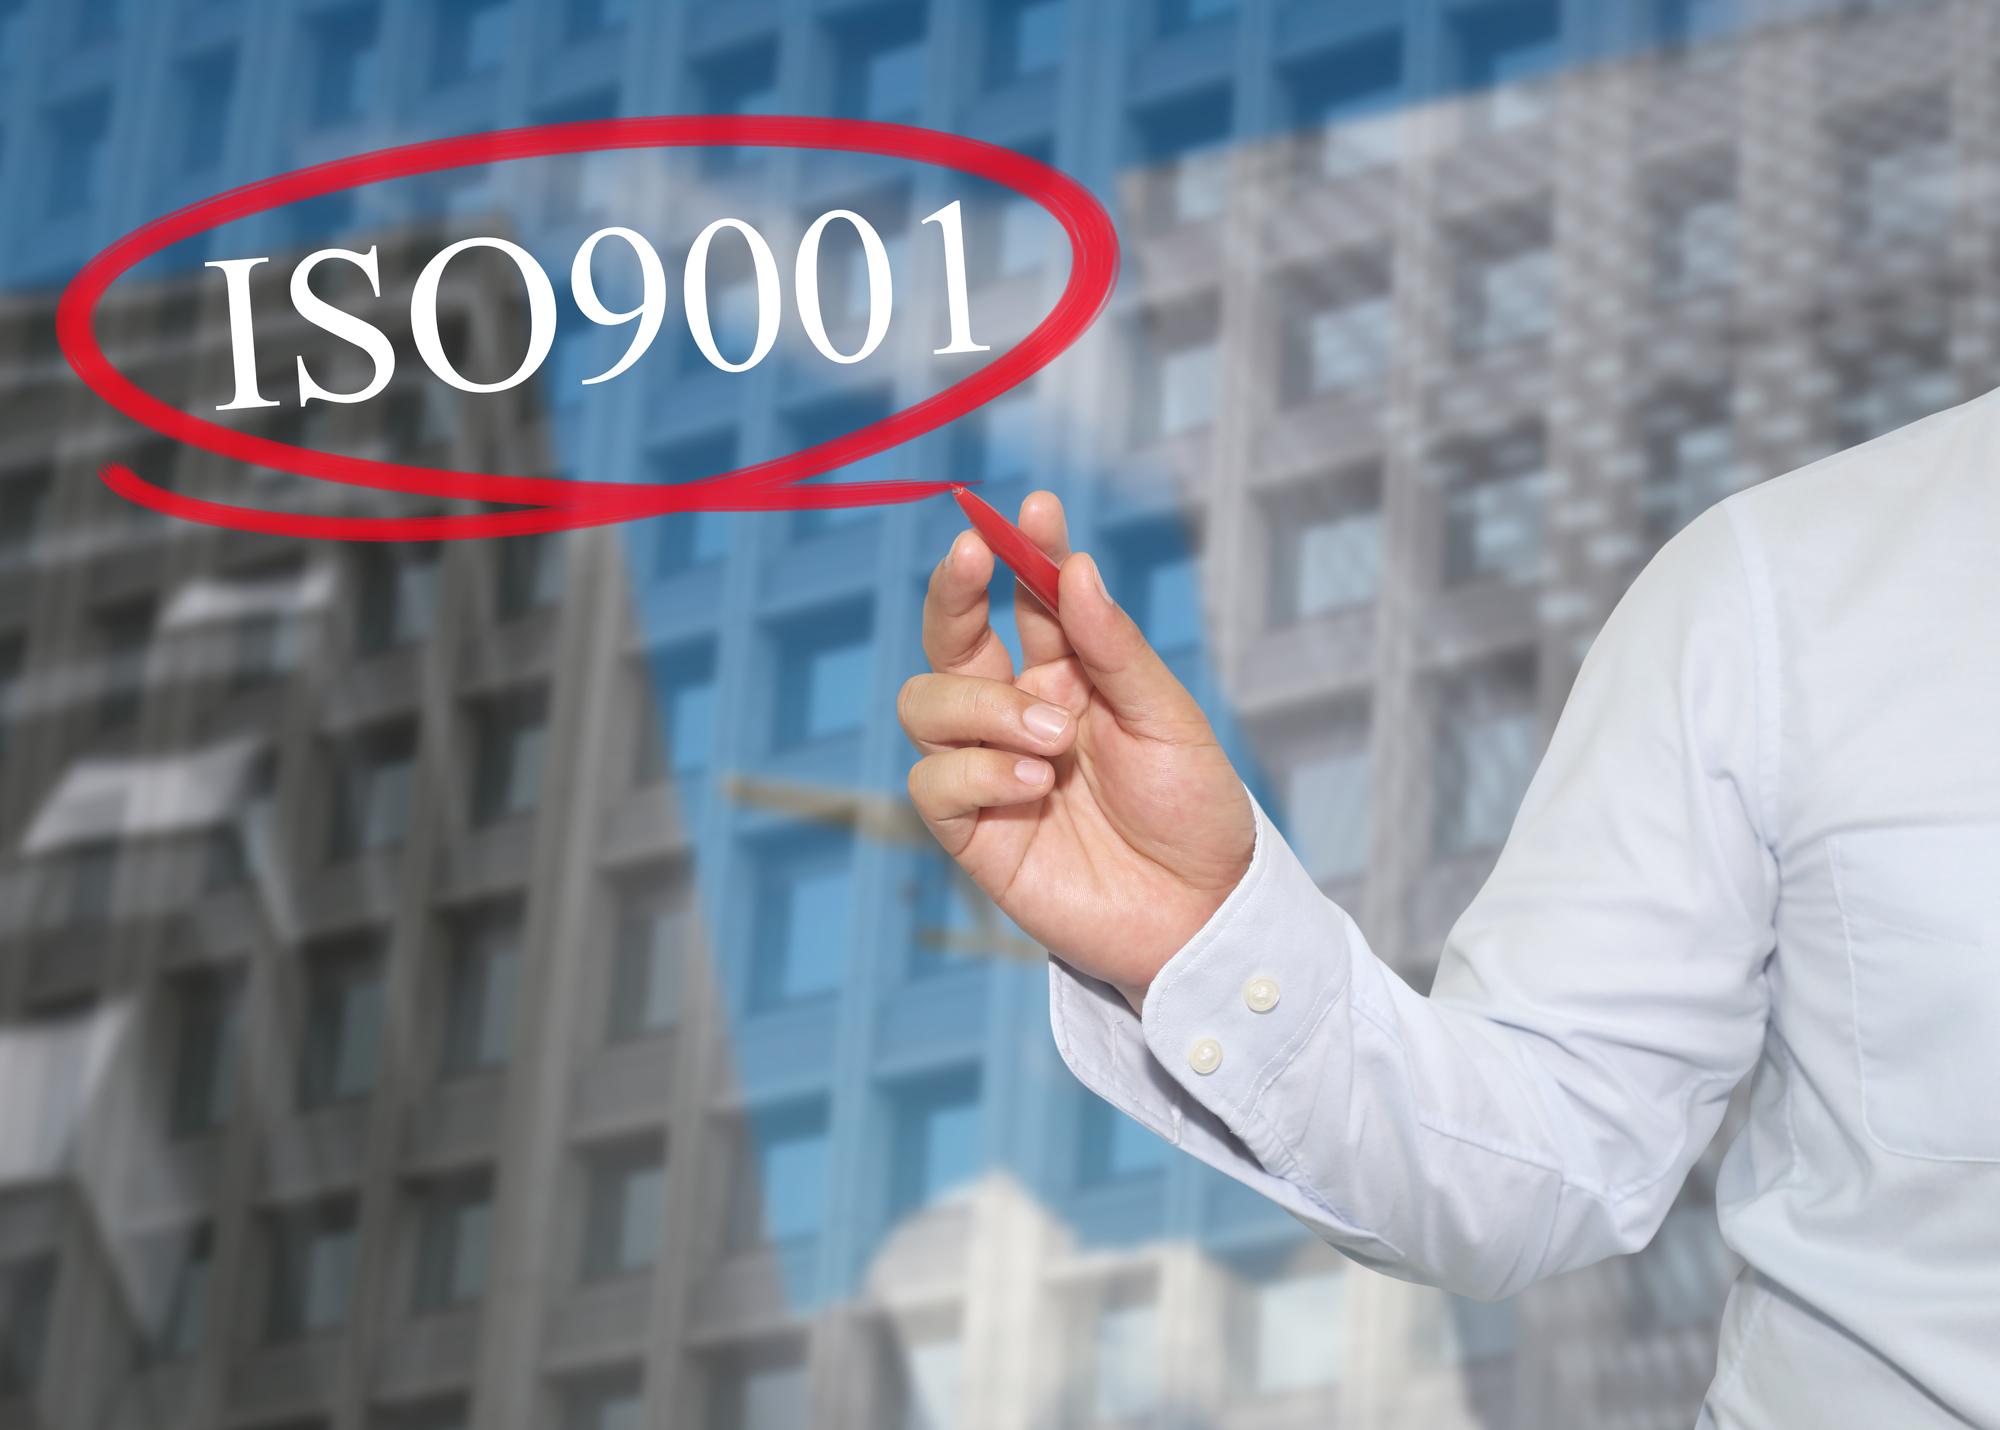 一度は挫折しかけていた!ダイトクのISO9001認証取得秘話